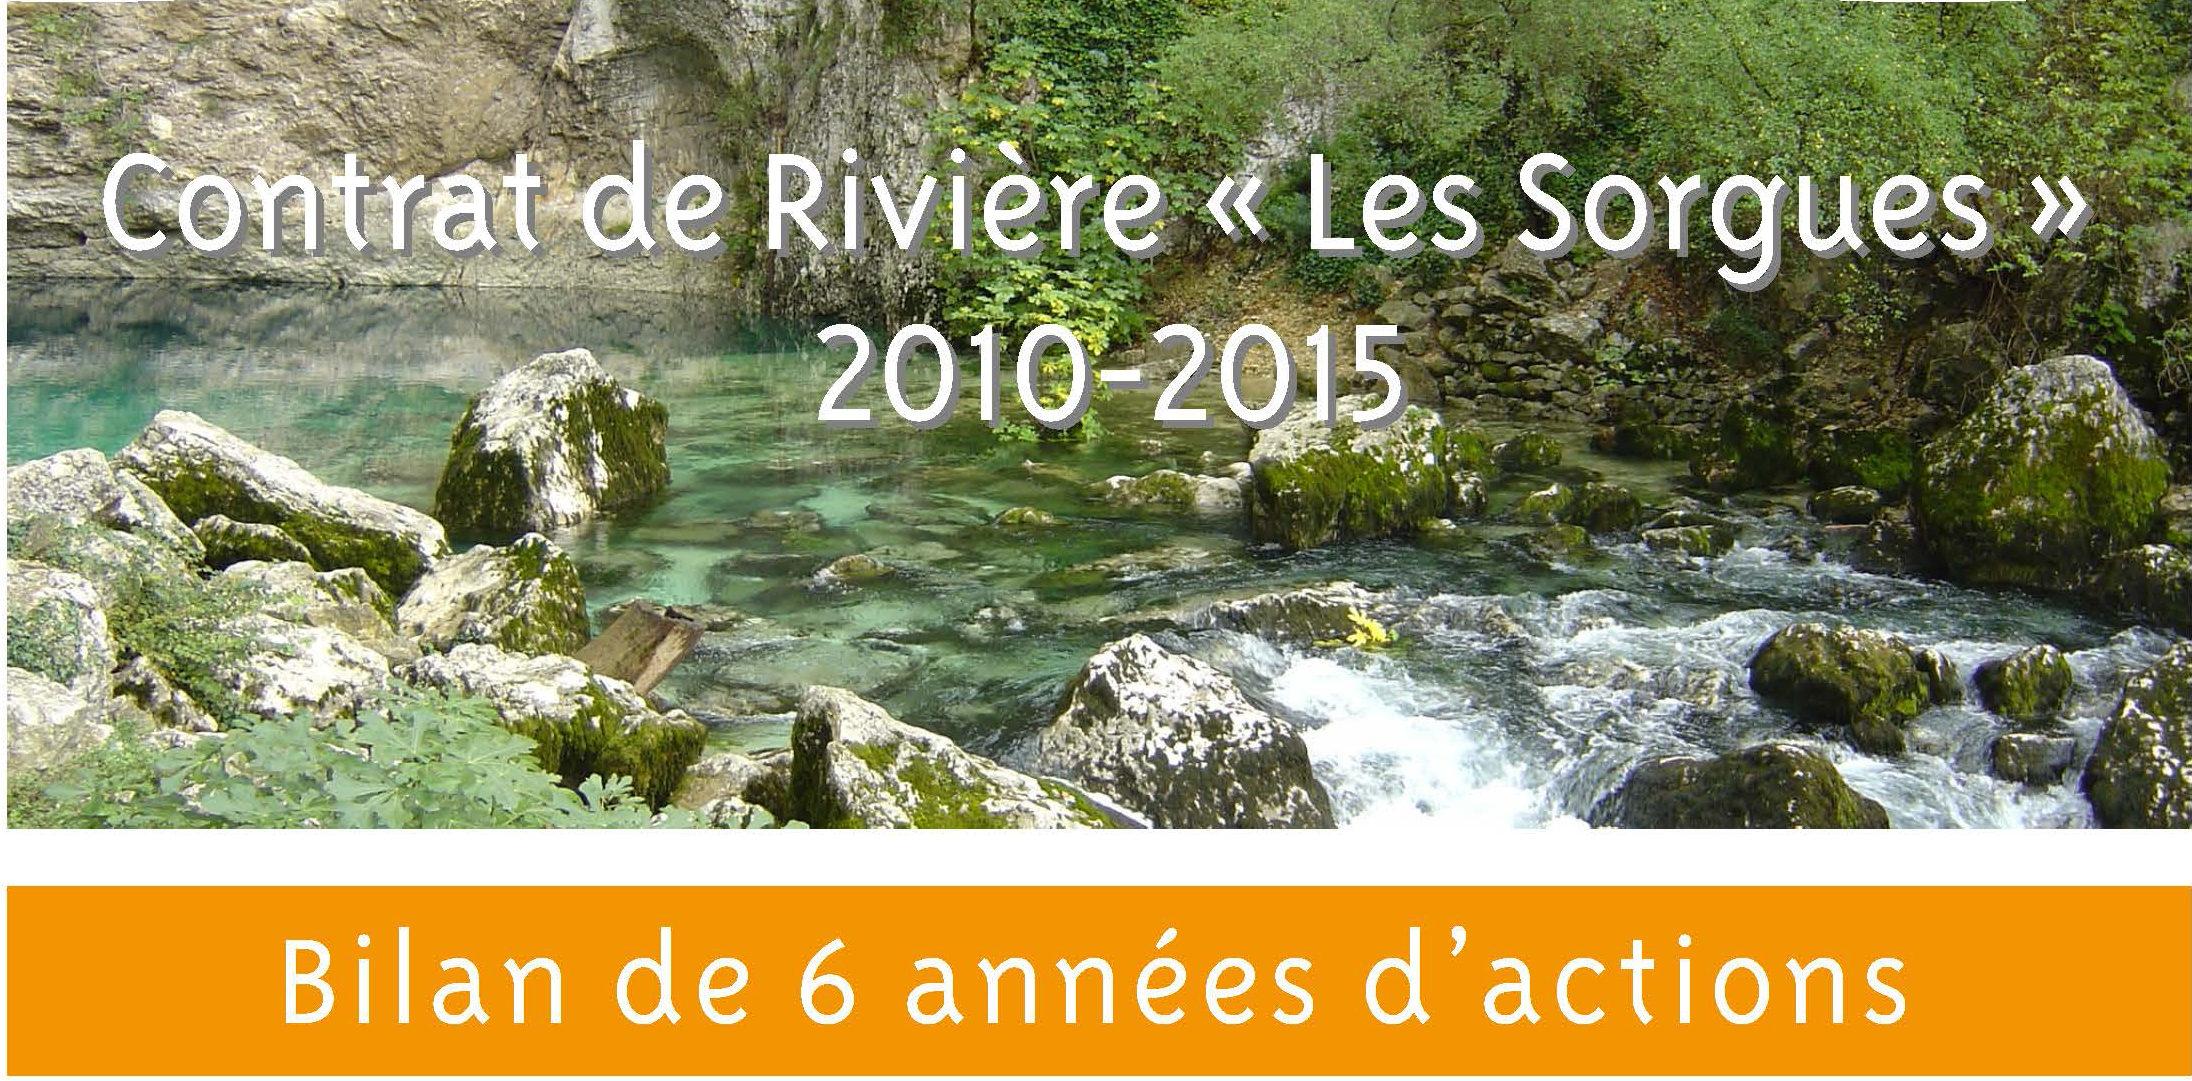 PRÉSENTATION DU BILAN DU CONTRAT DE RIVIÈRE DES SORGUES 2010-2015